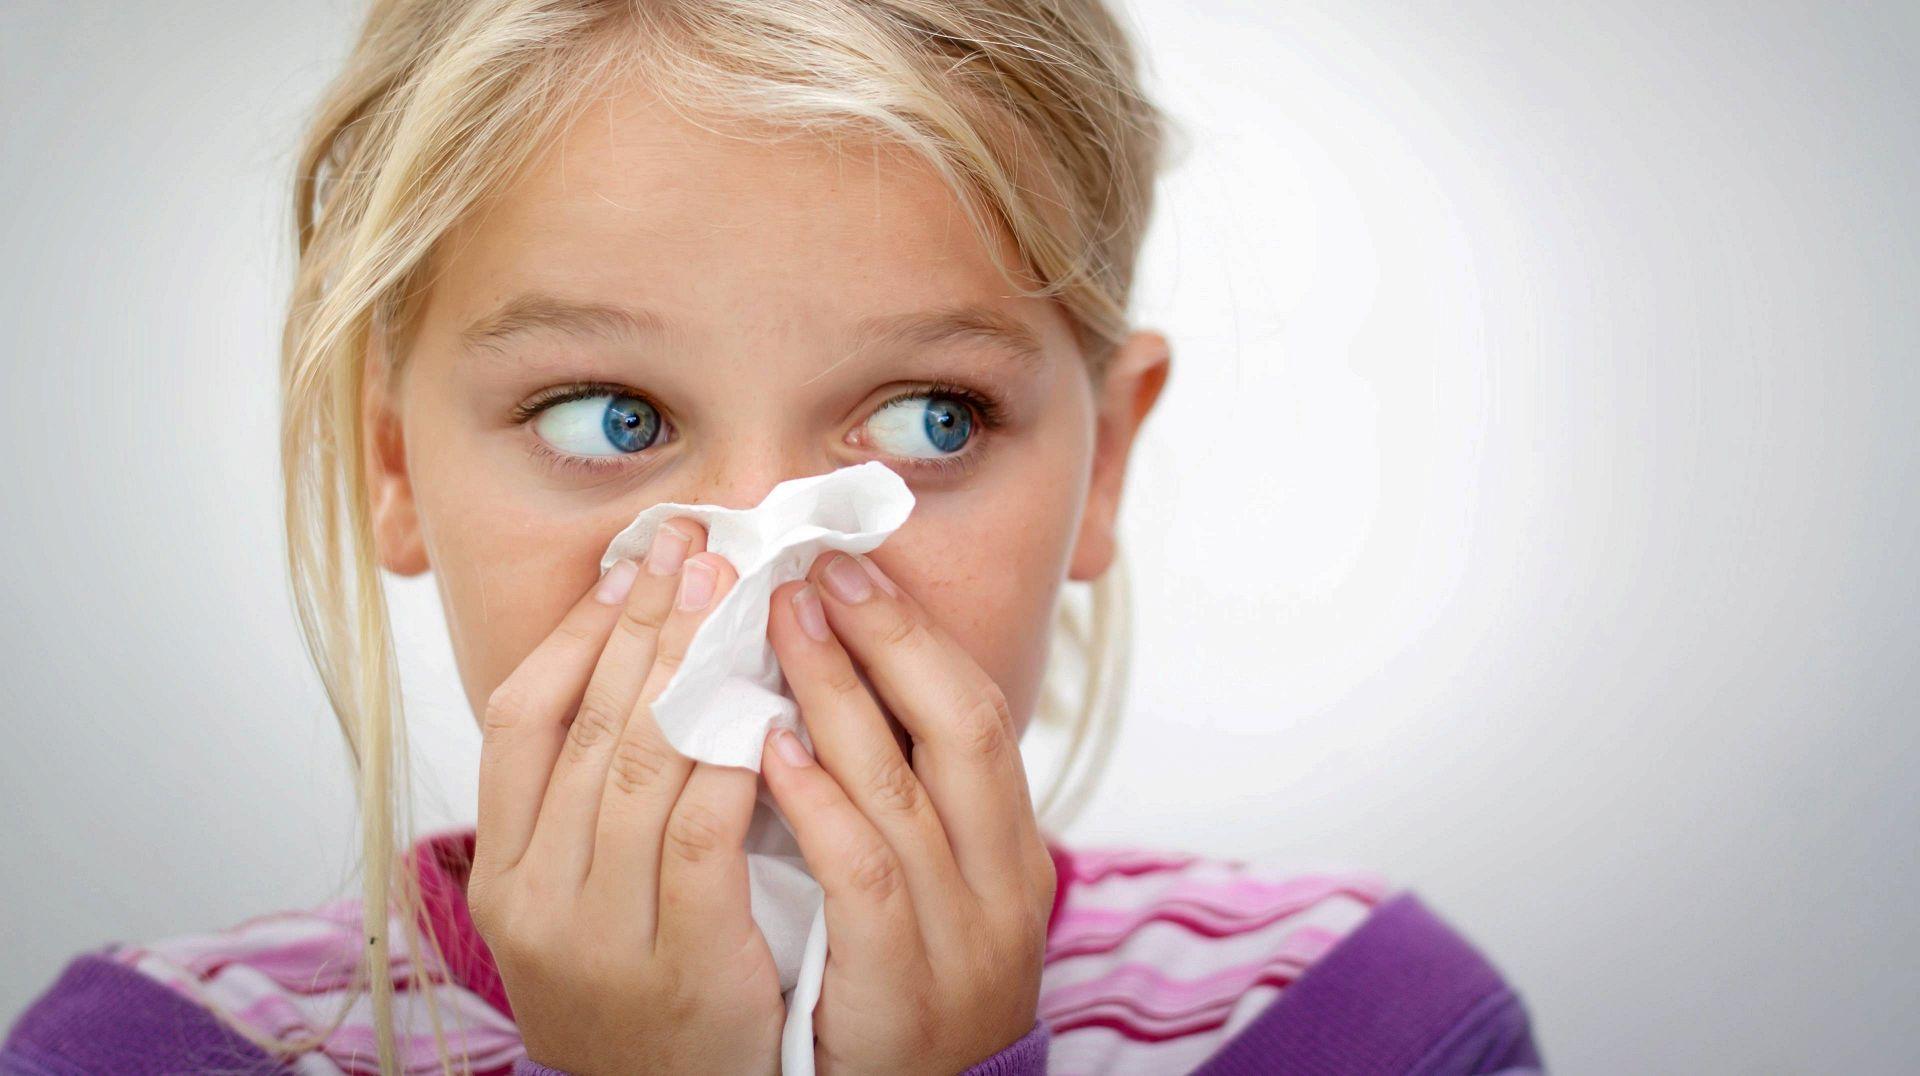 У ребенка кровотечение из носа: что делать.